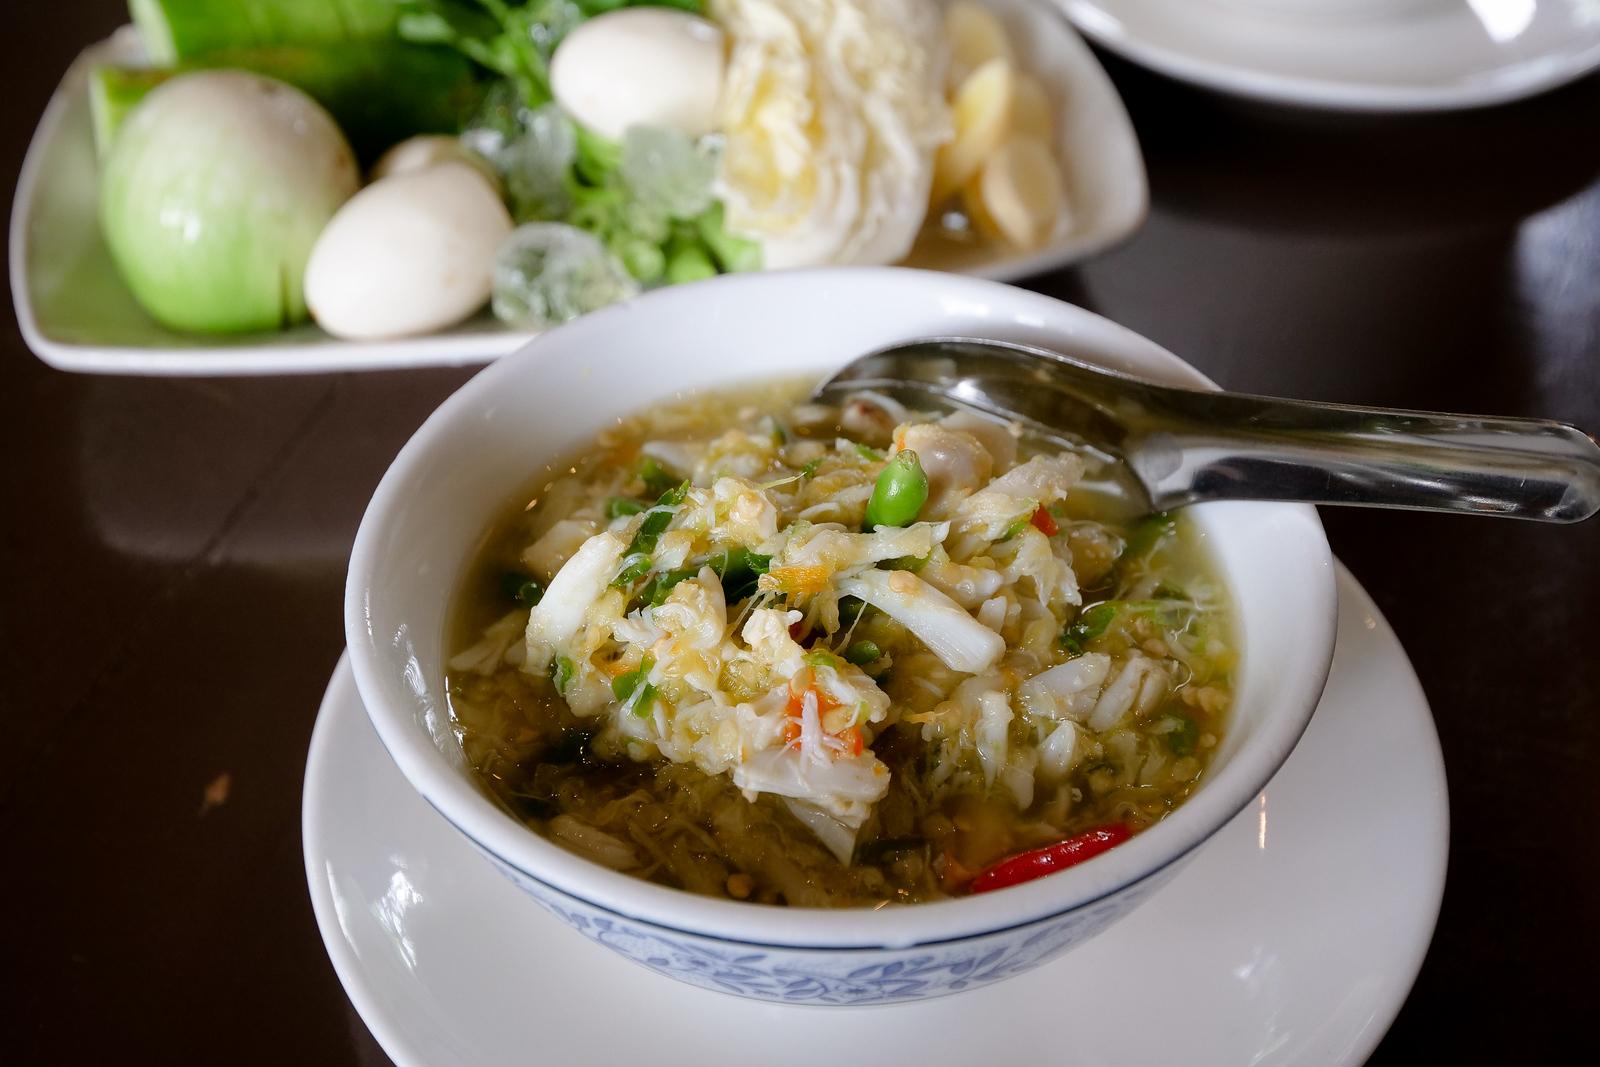 Thai crab chili dip